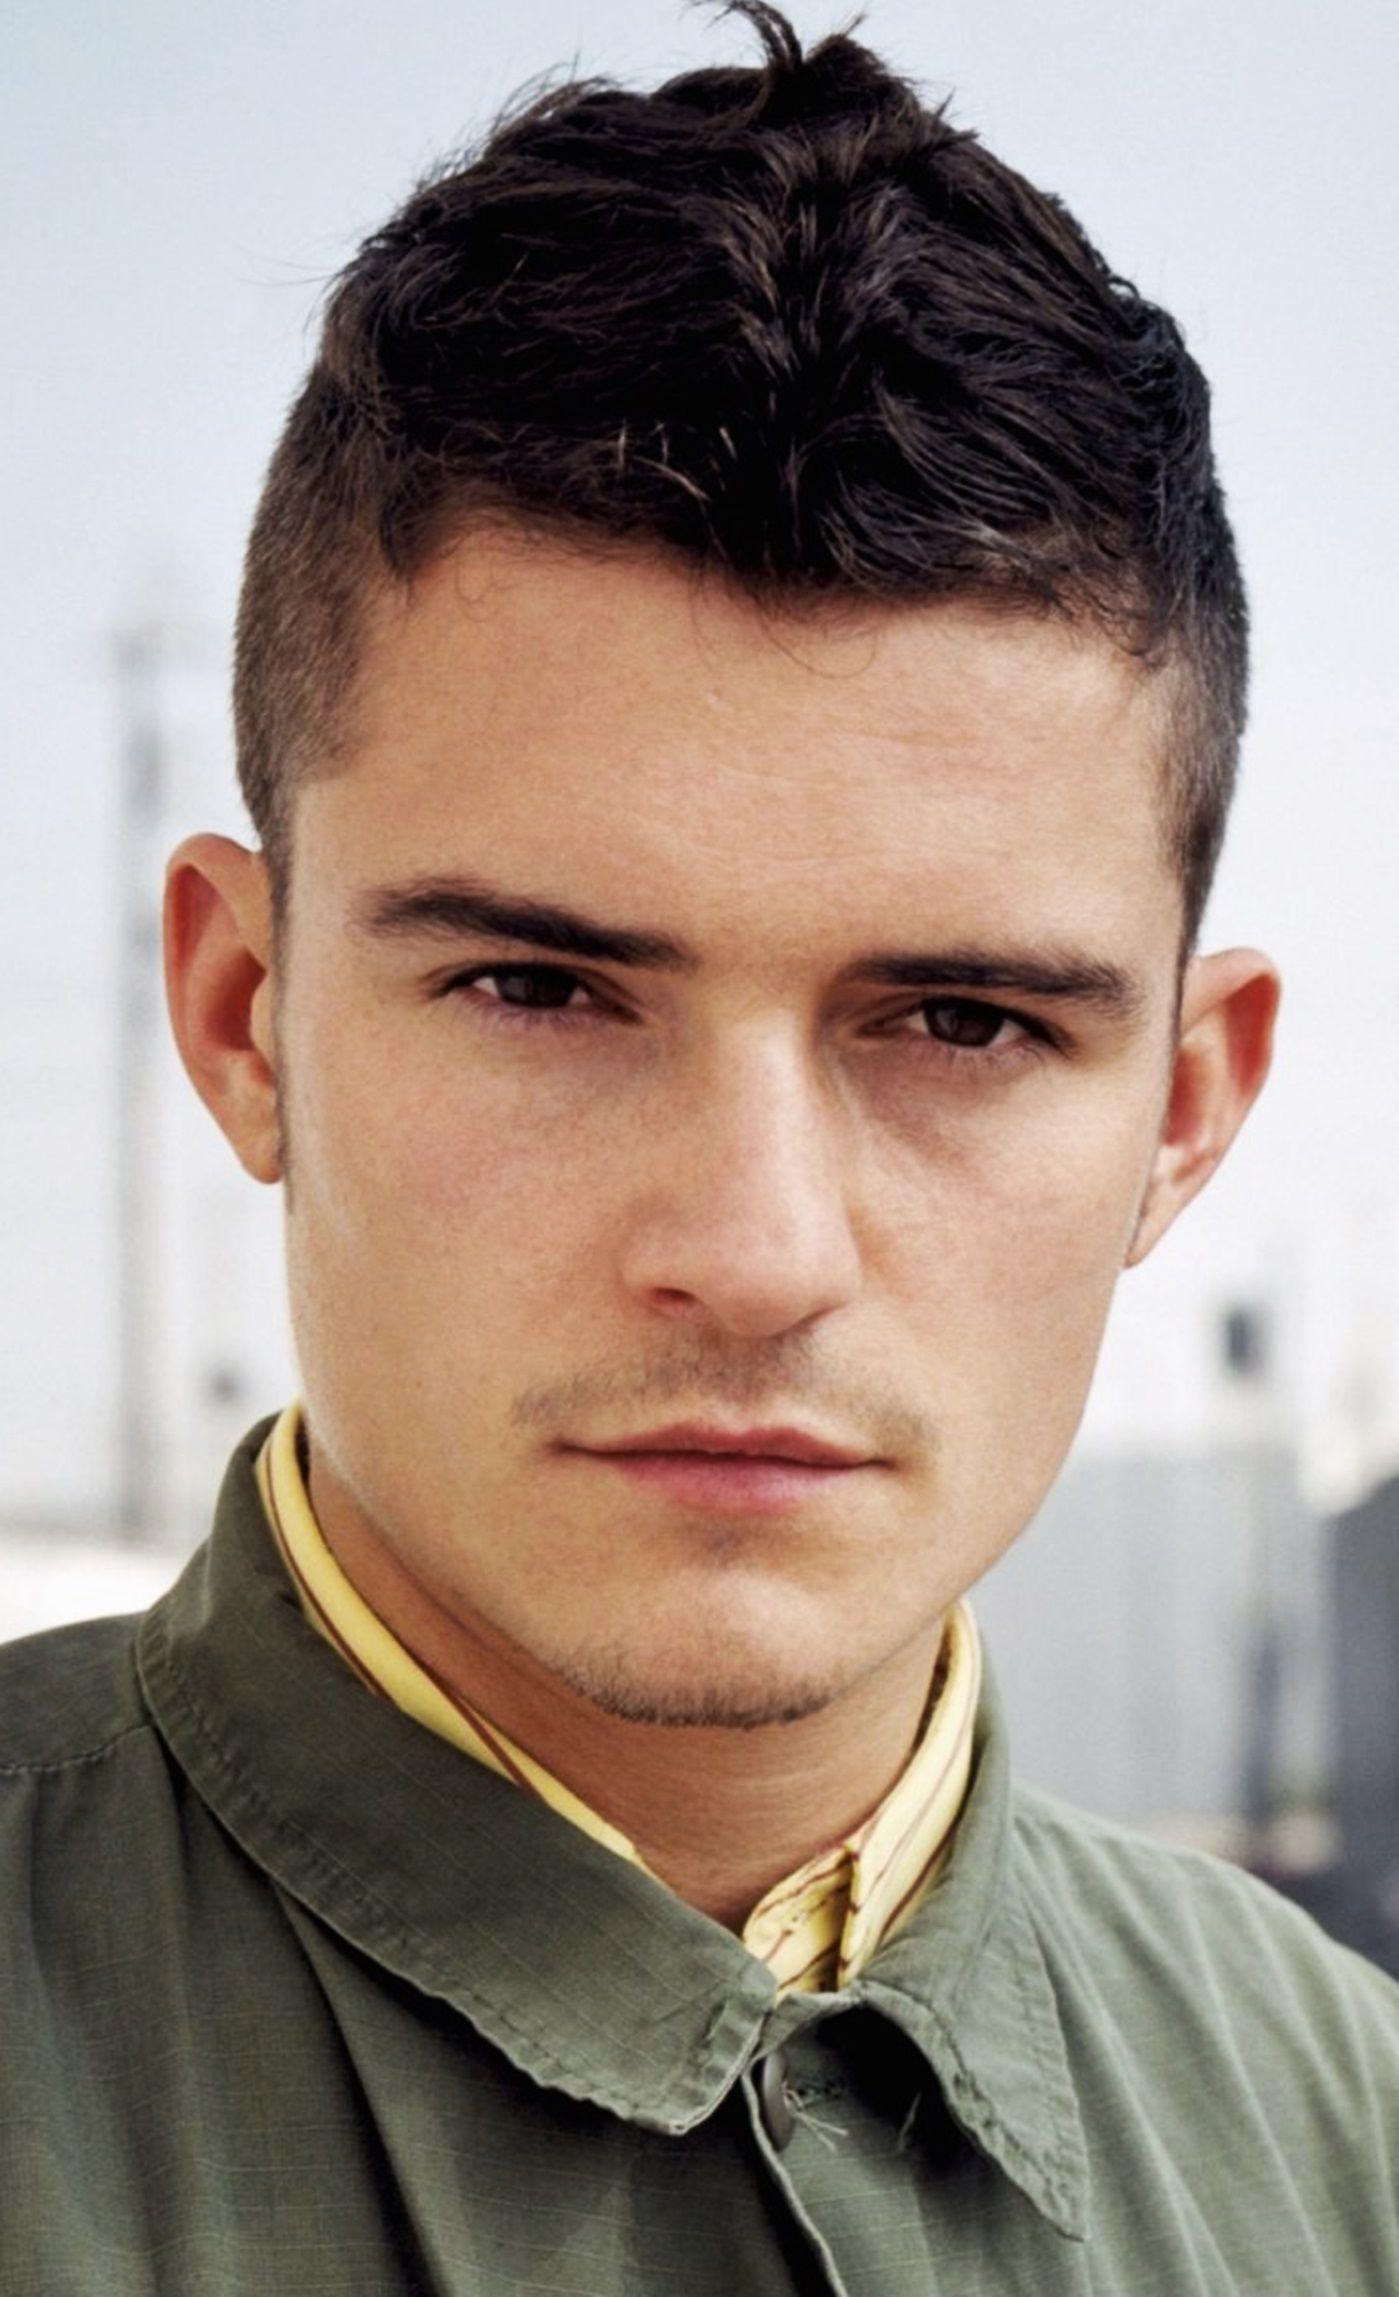 Young Orlando Bloom